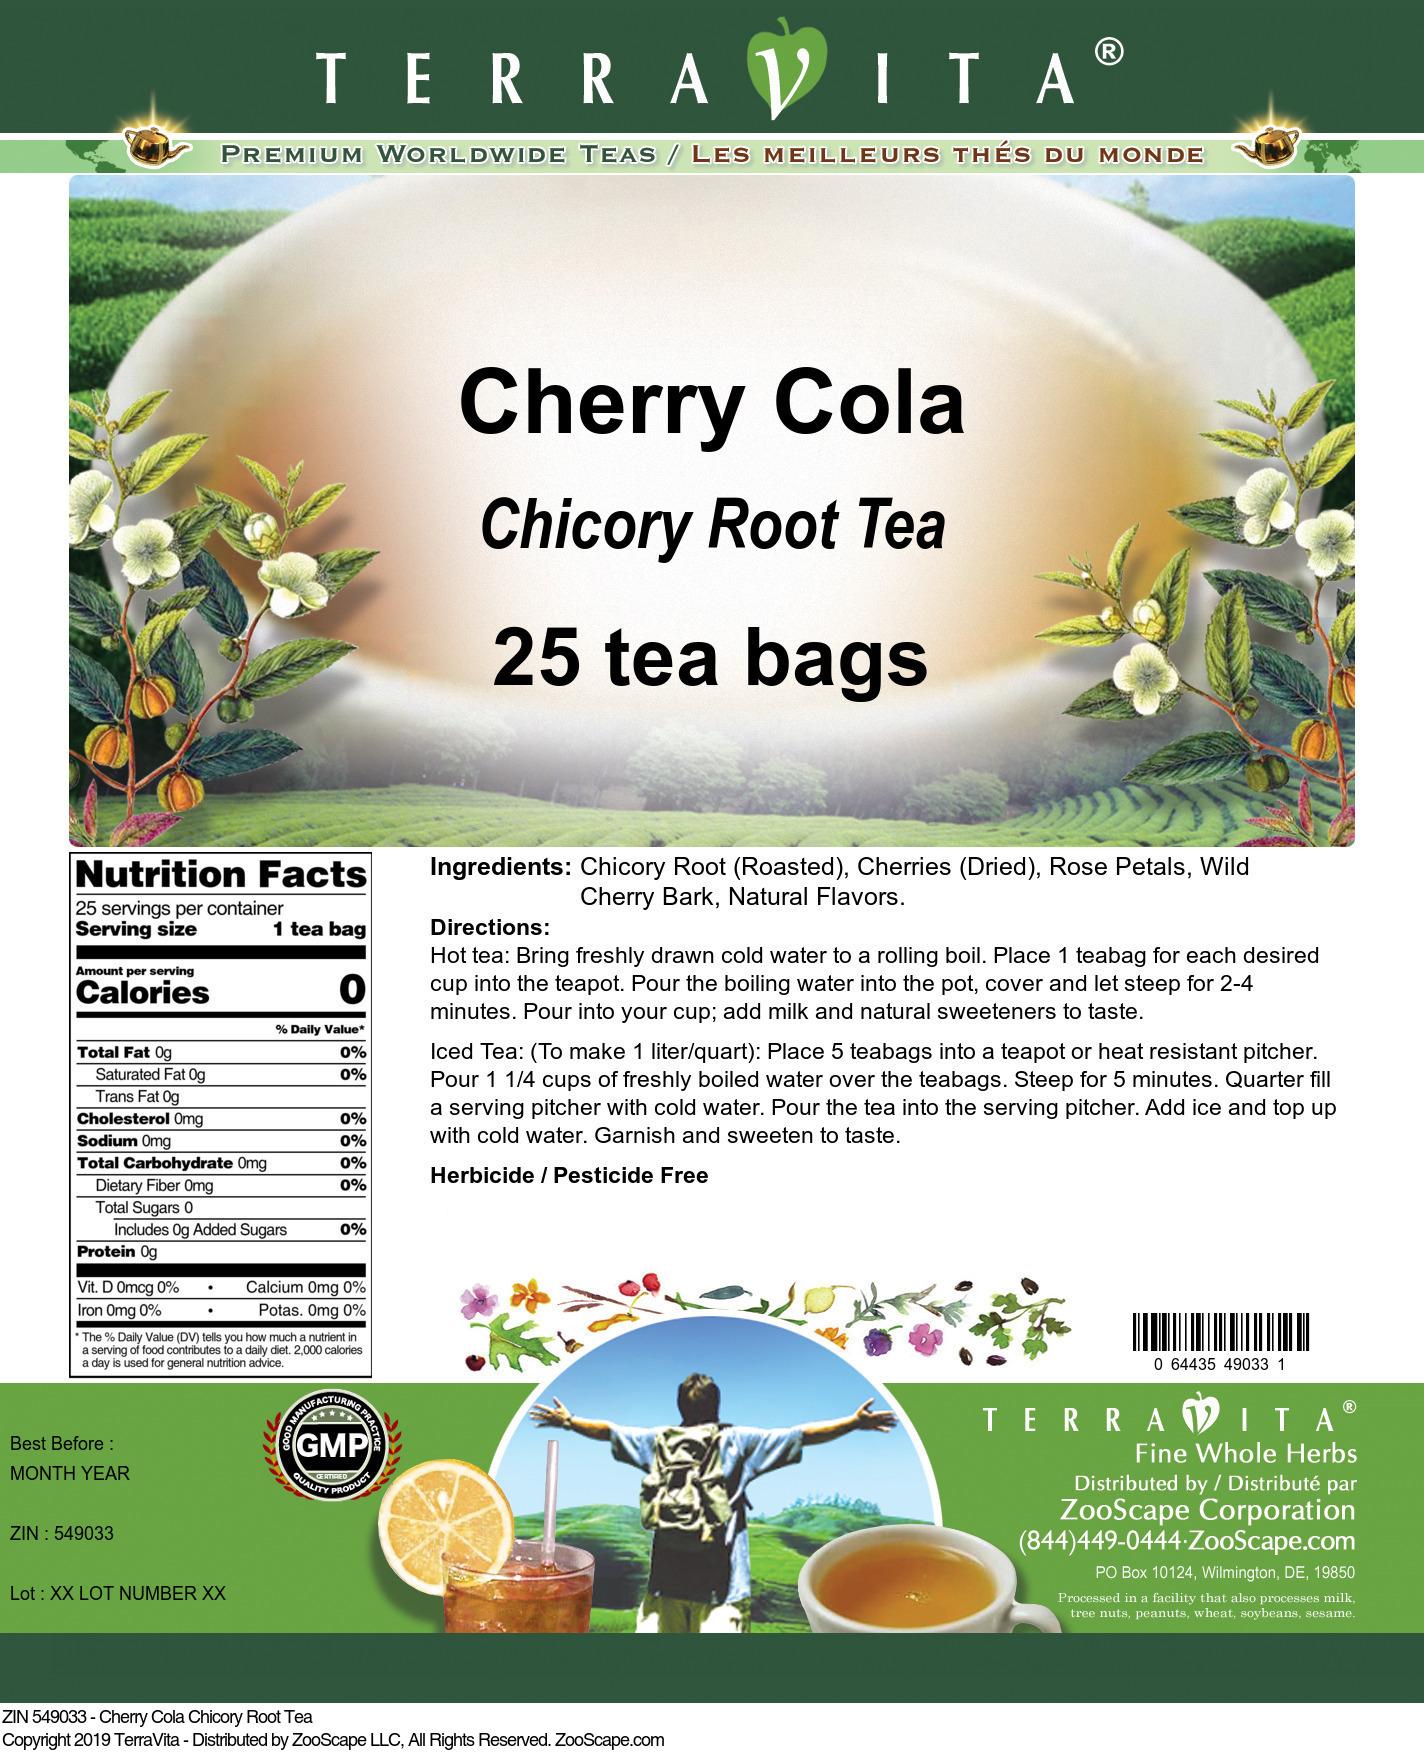 Cherry Cola Chicory Root Tea